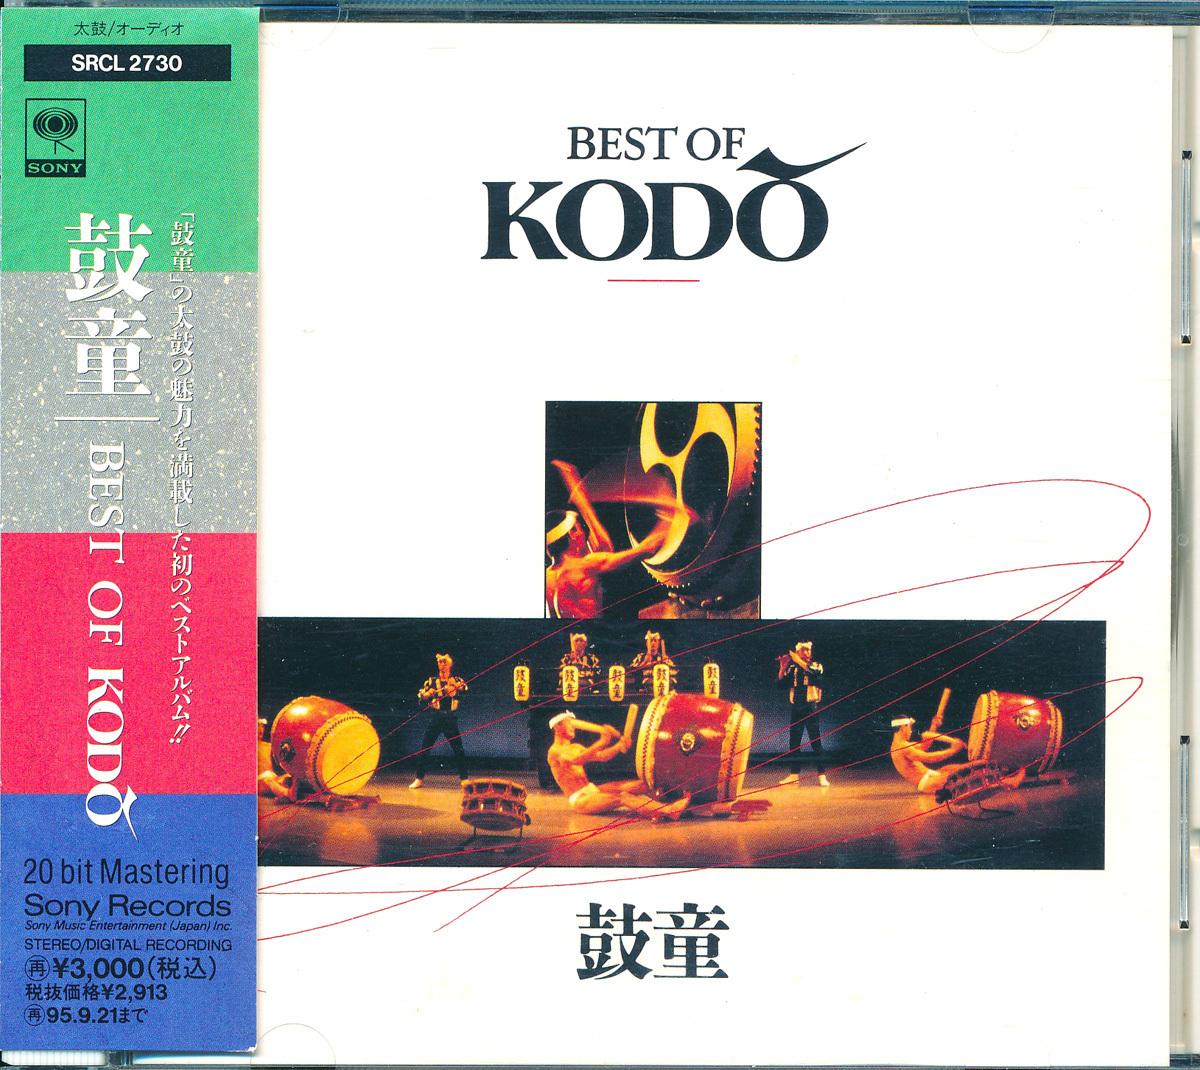 80年代日本楽器┃鼓童│Kodo■ベスト・オブ・鼓童│Best Of Kodo■SRCL-2730■管理CD5305_画像1